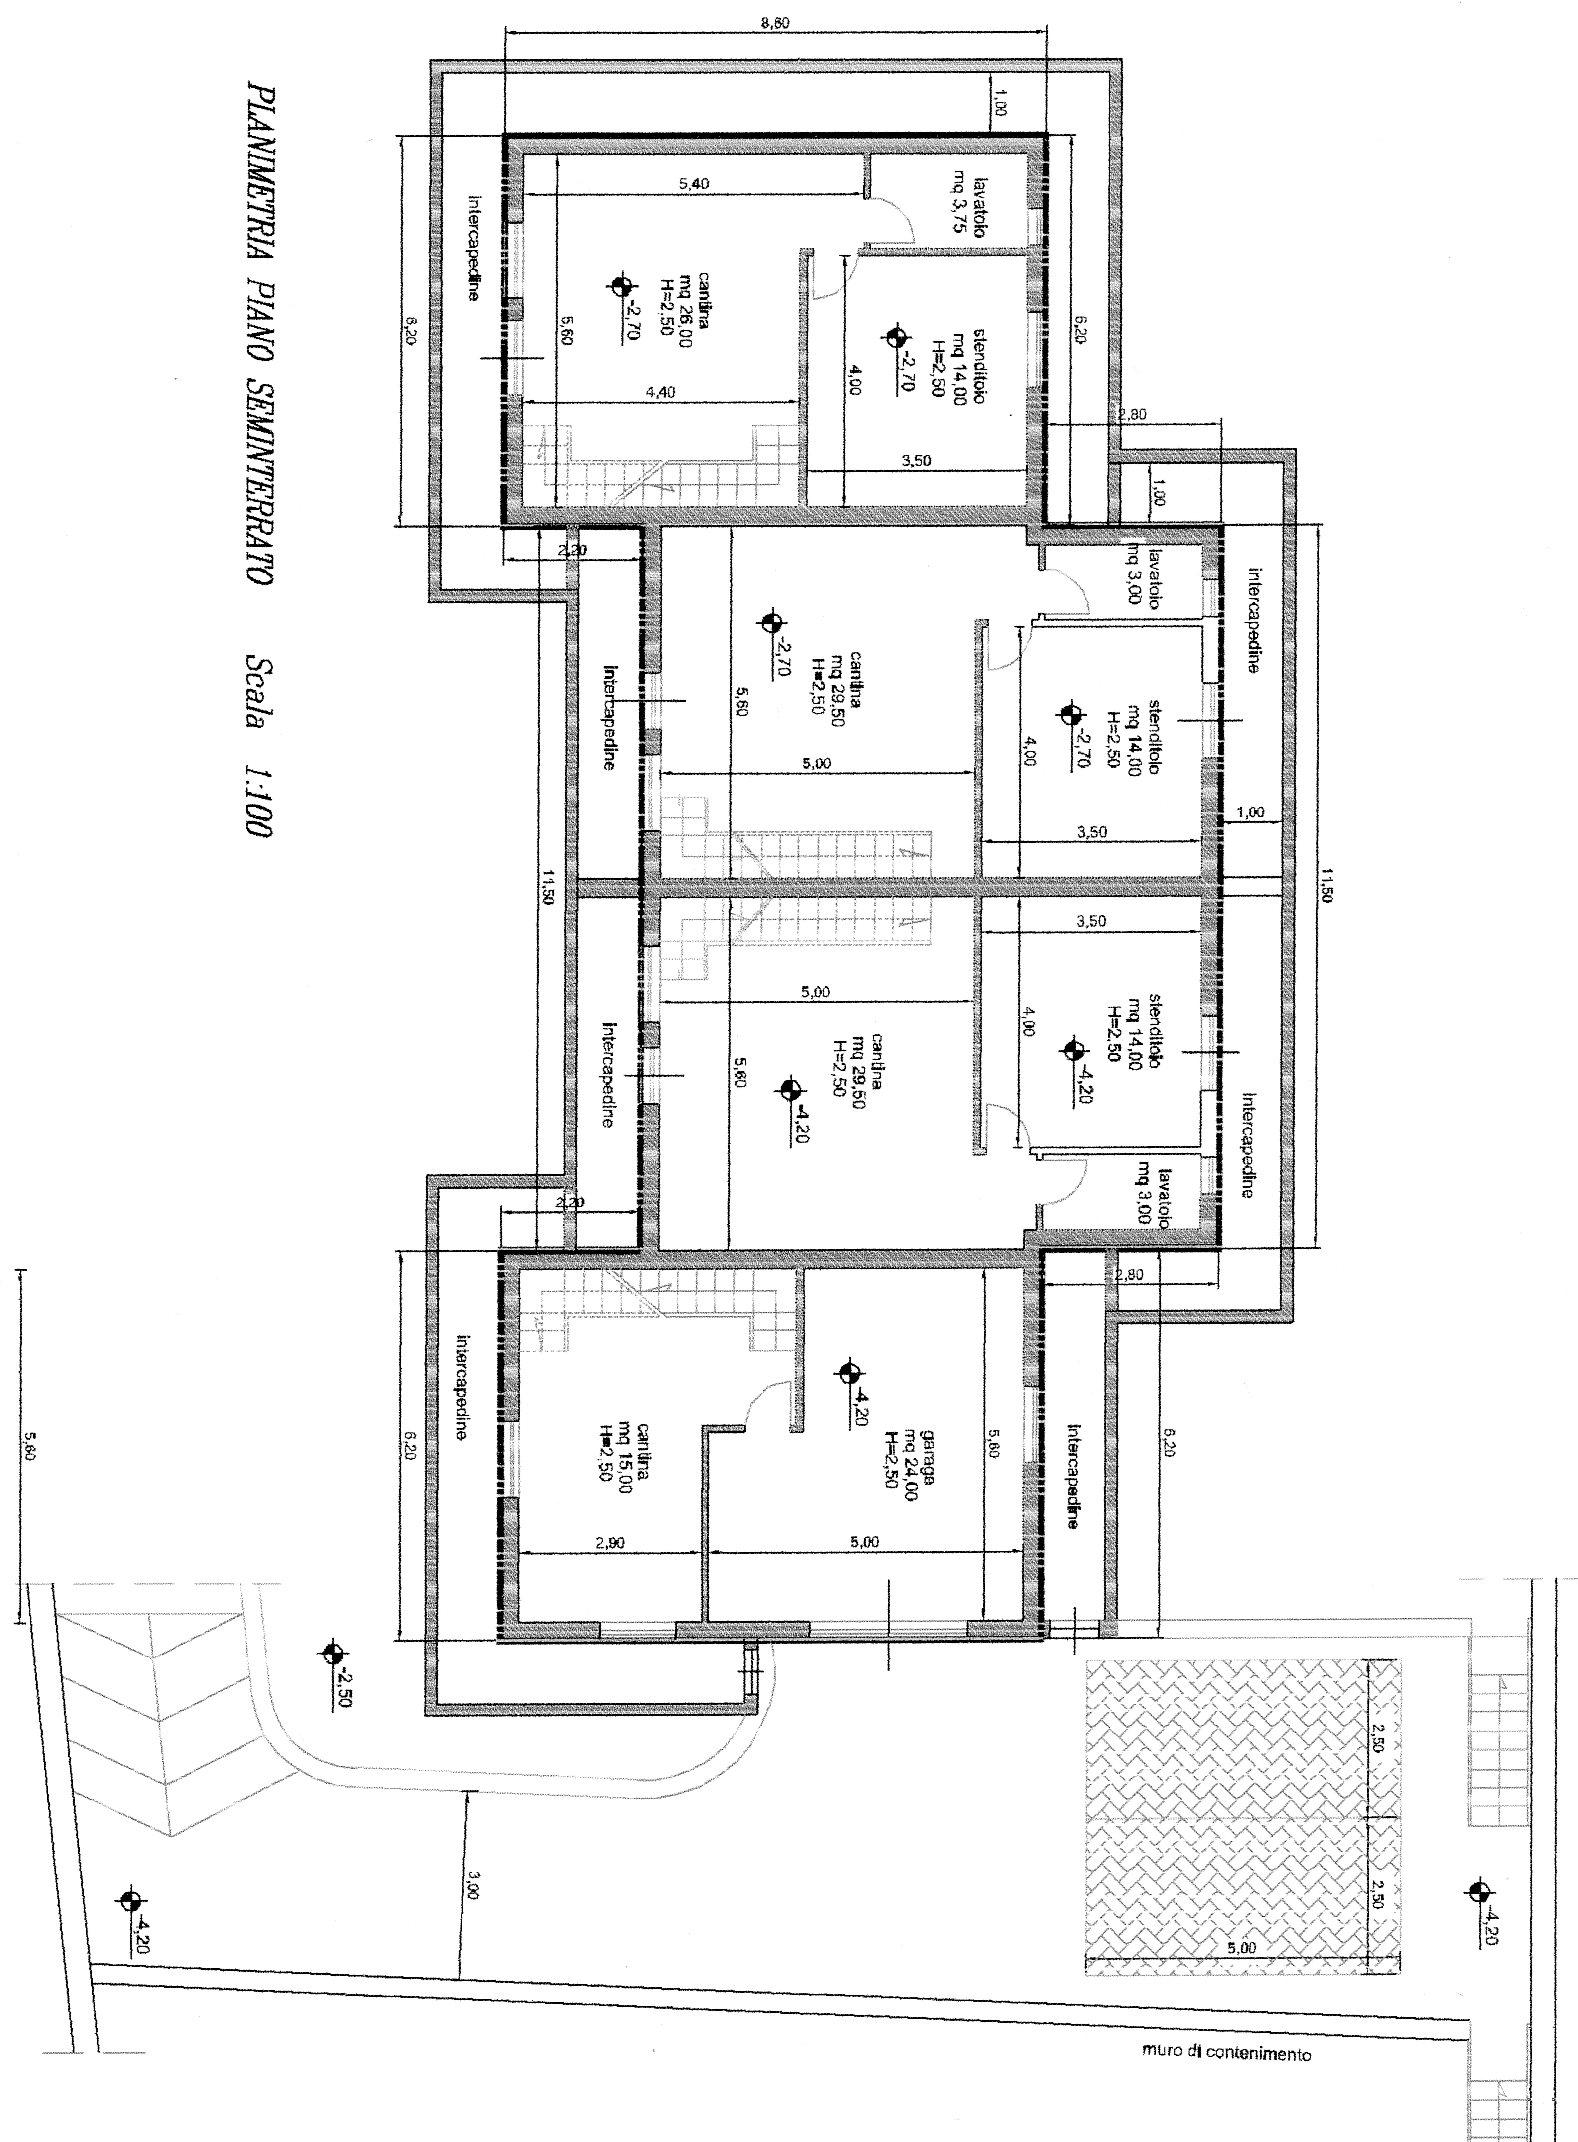 Piano seminterrato piano seminterrato dnd immobiliare for Piano seminterrato